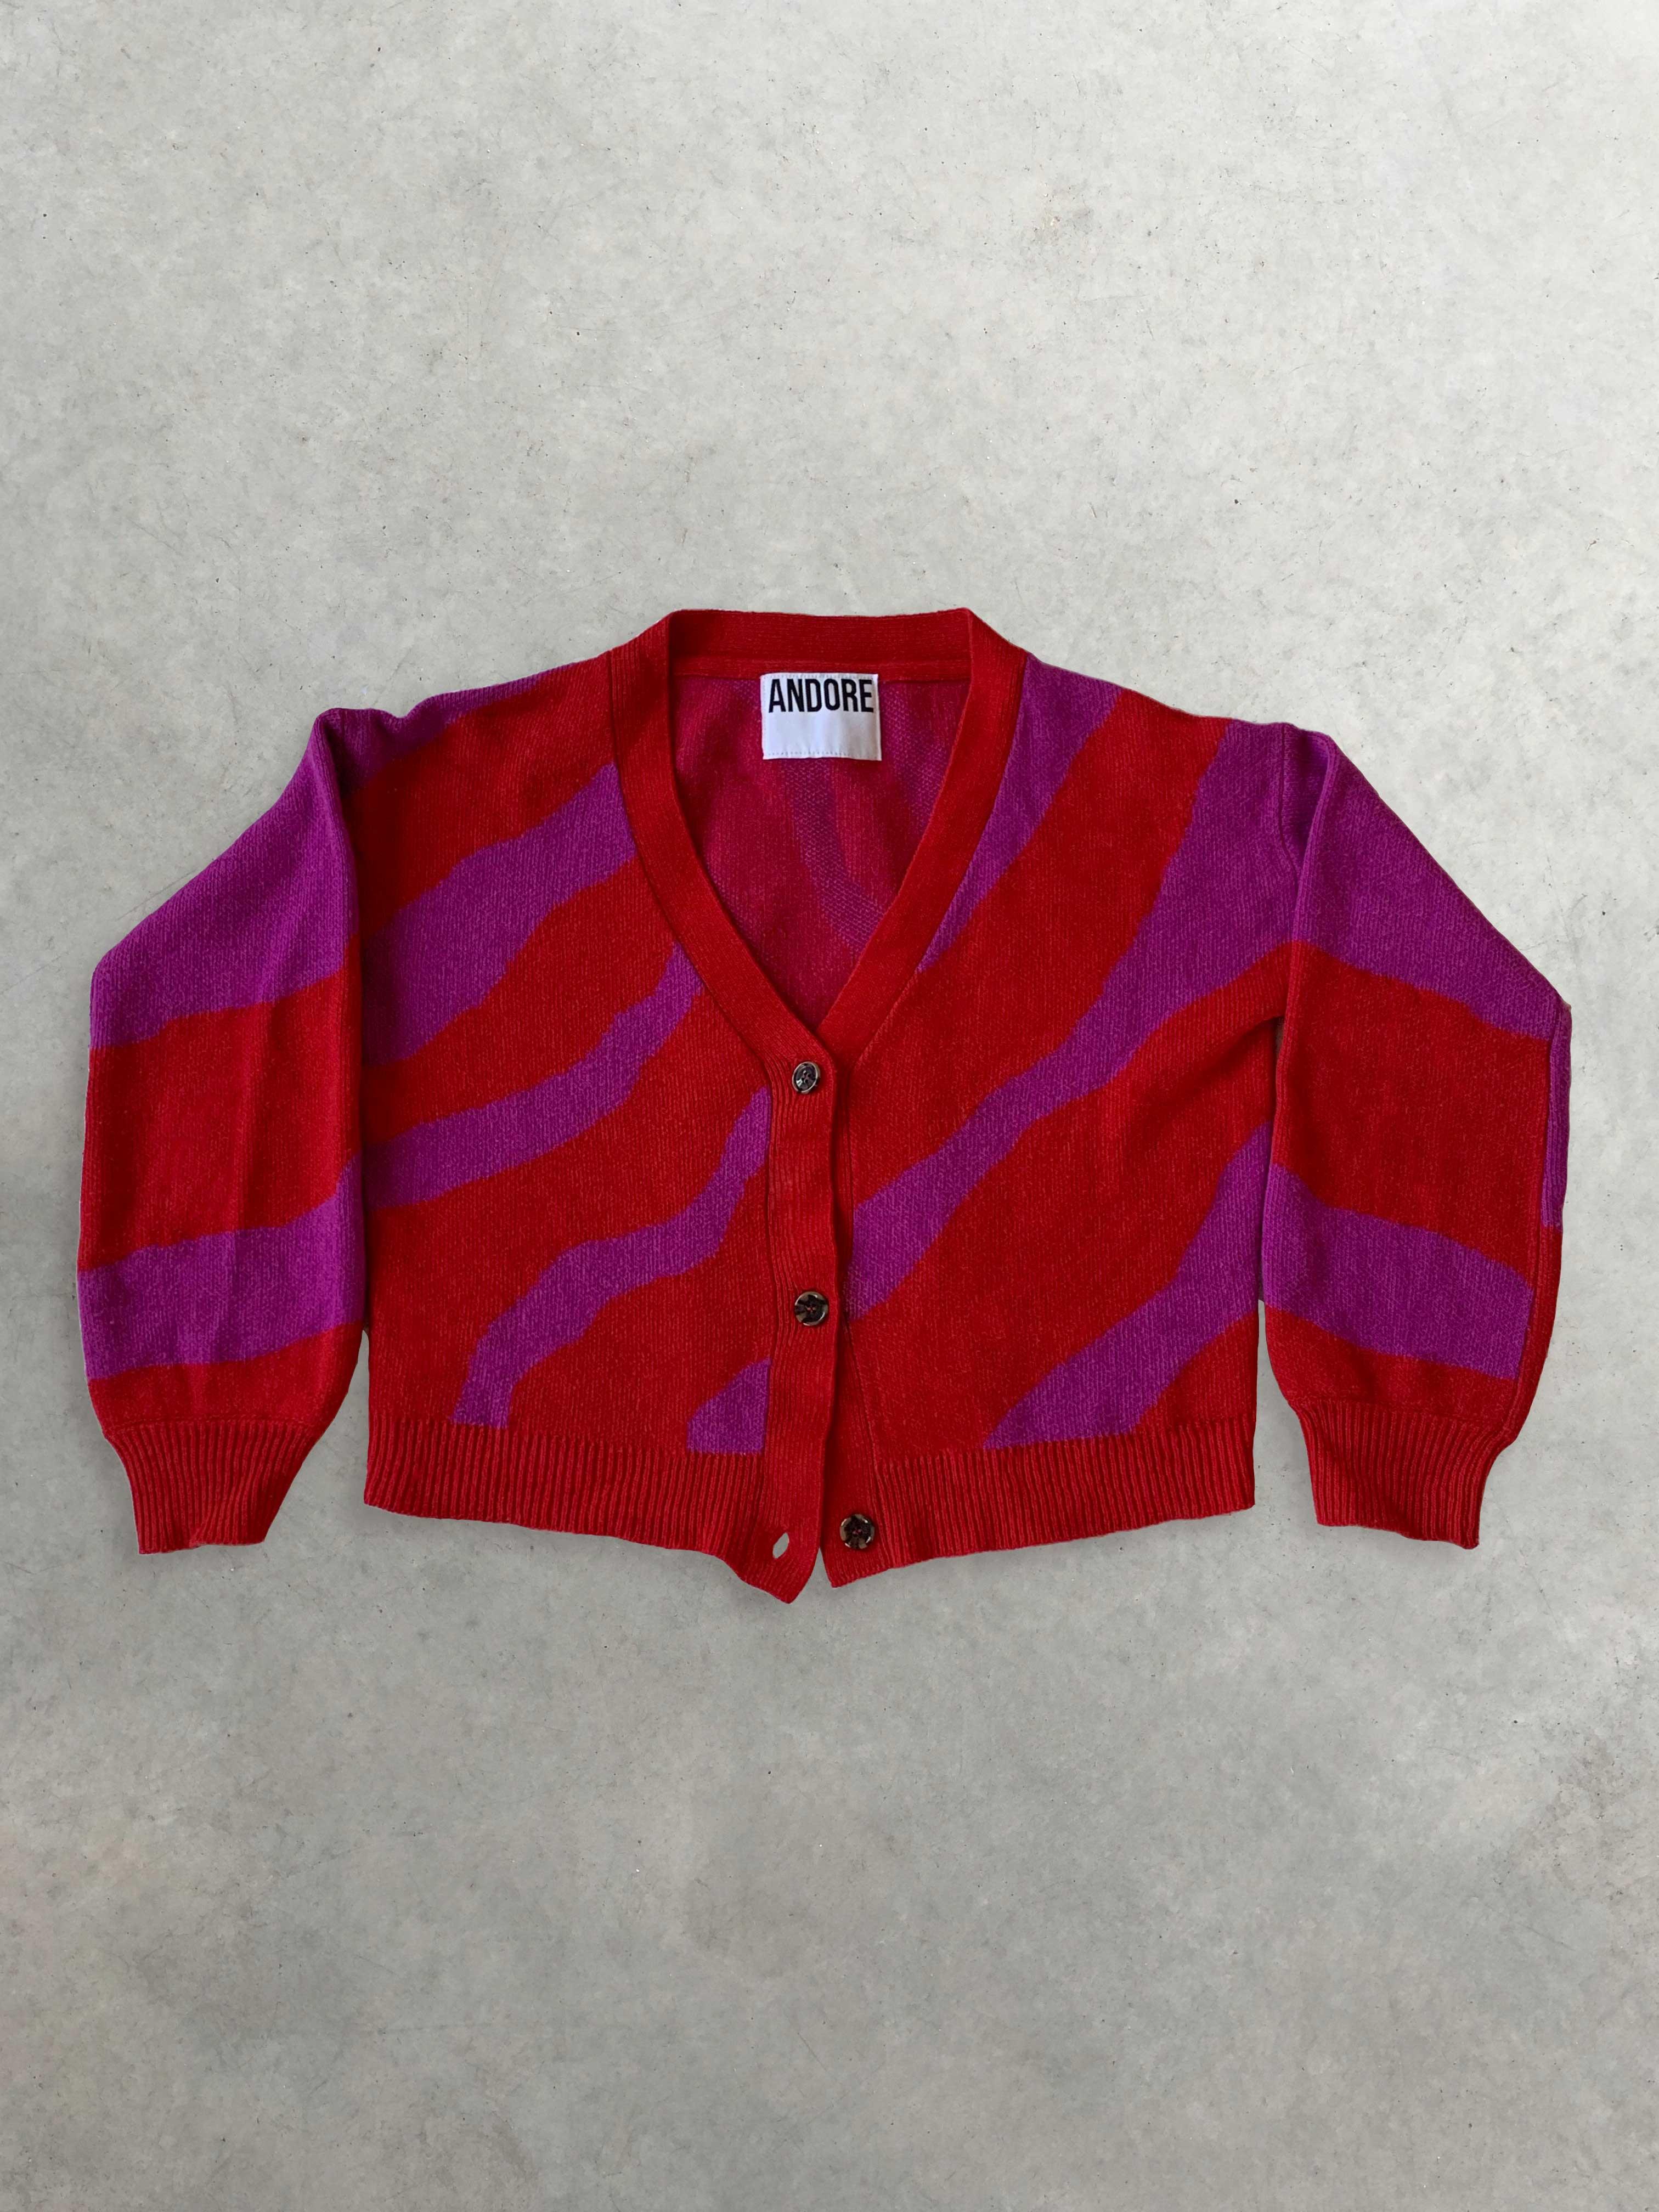 Packshot du produit Cardigan Zébré Sunset Rouge et Fuchsia de la marque Andore